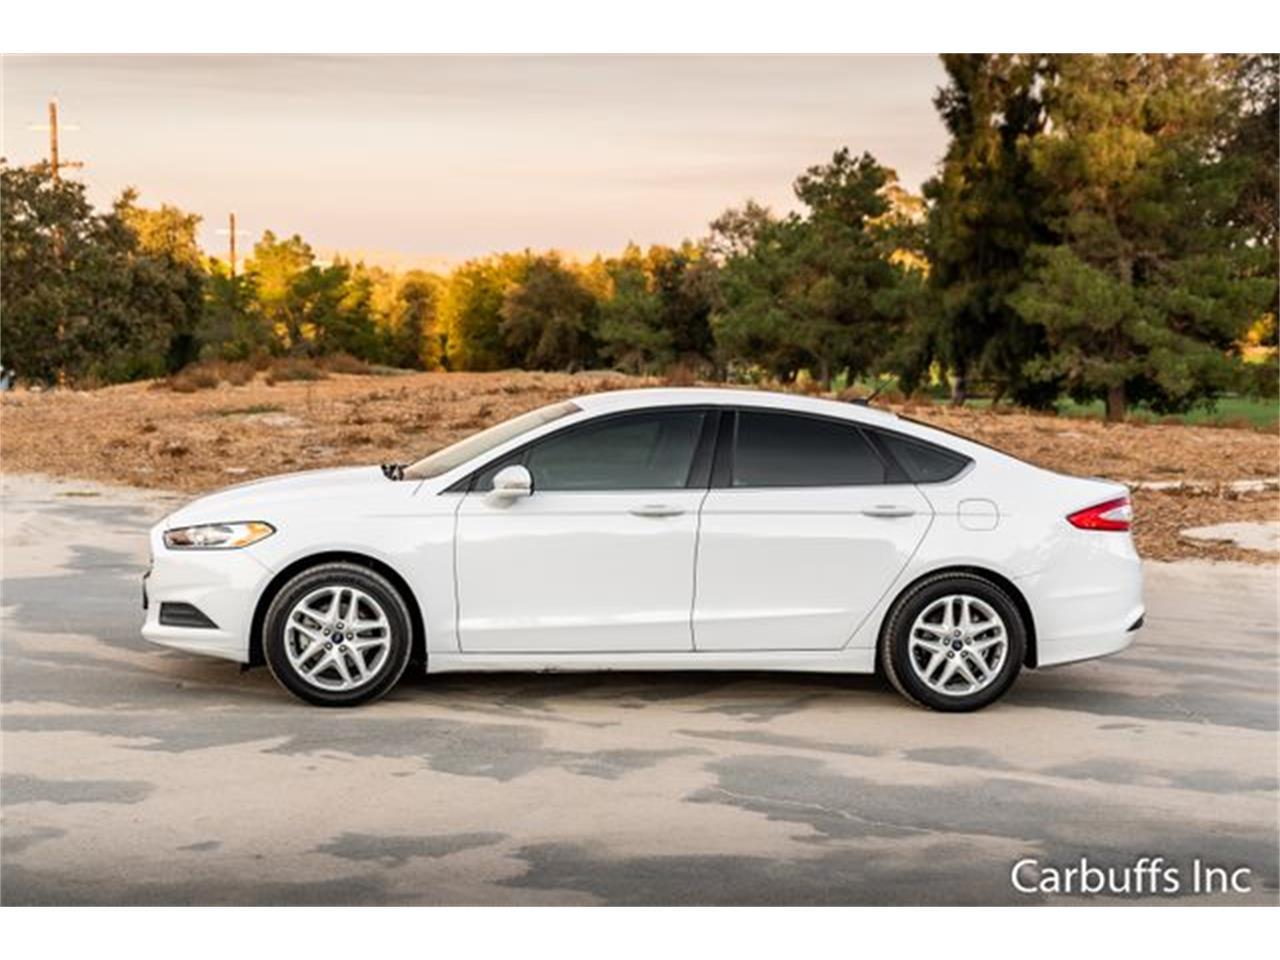 2014 Ford Fusion (CC-1304155) for sale in Concord, California